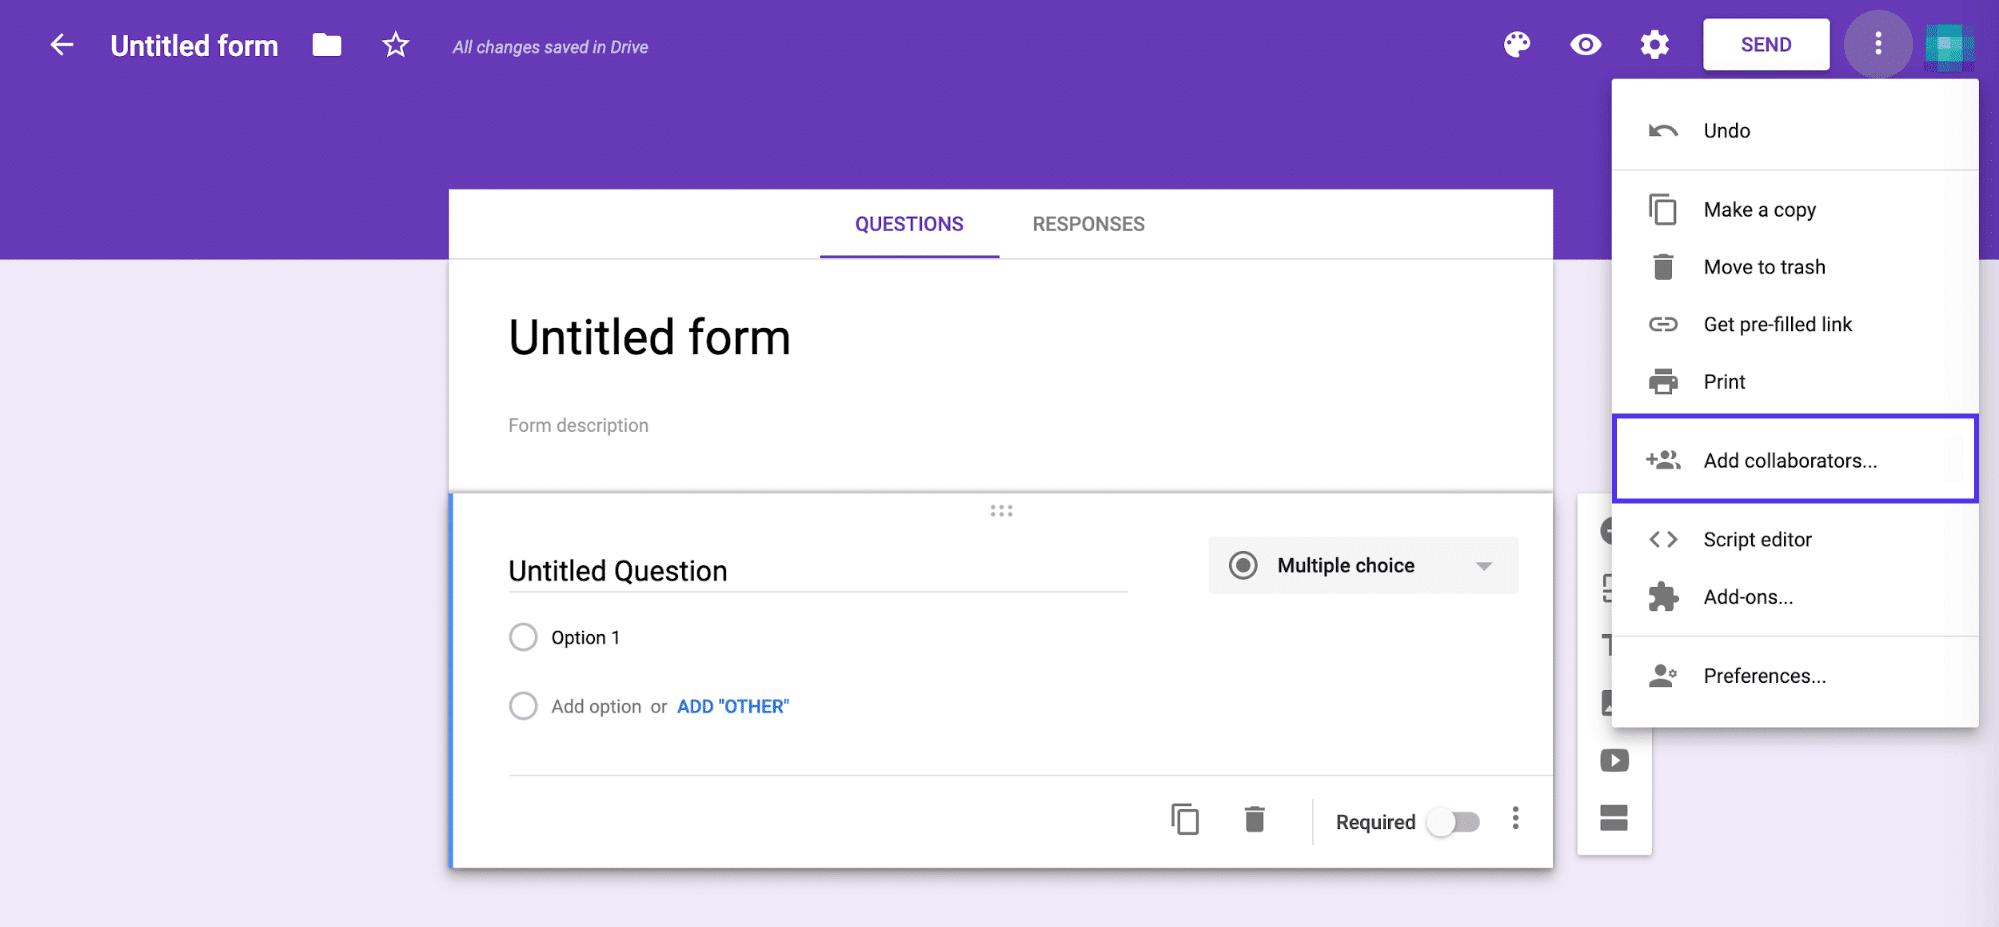 Adicionar colaboradores ao Formulário do Google